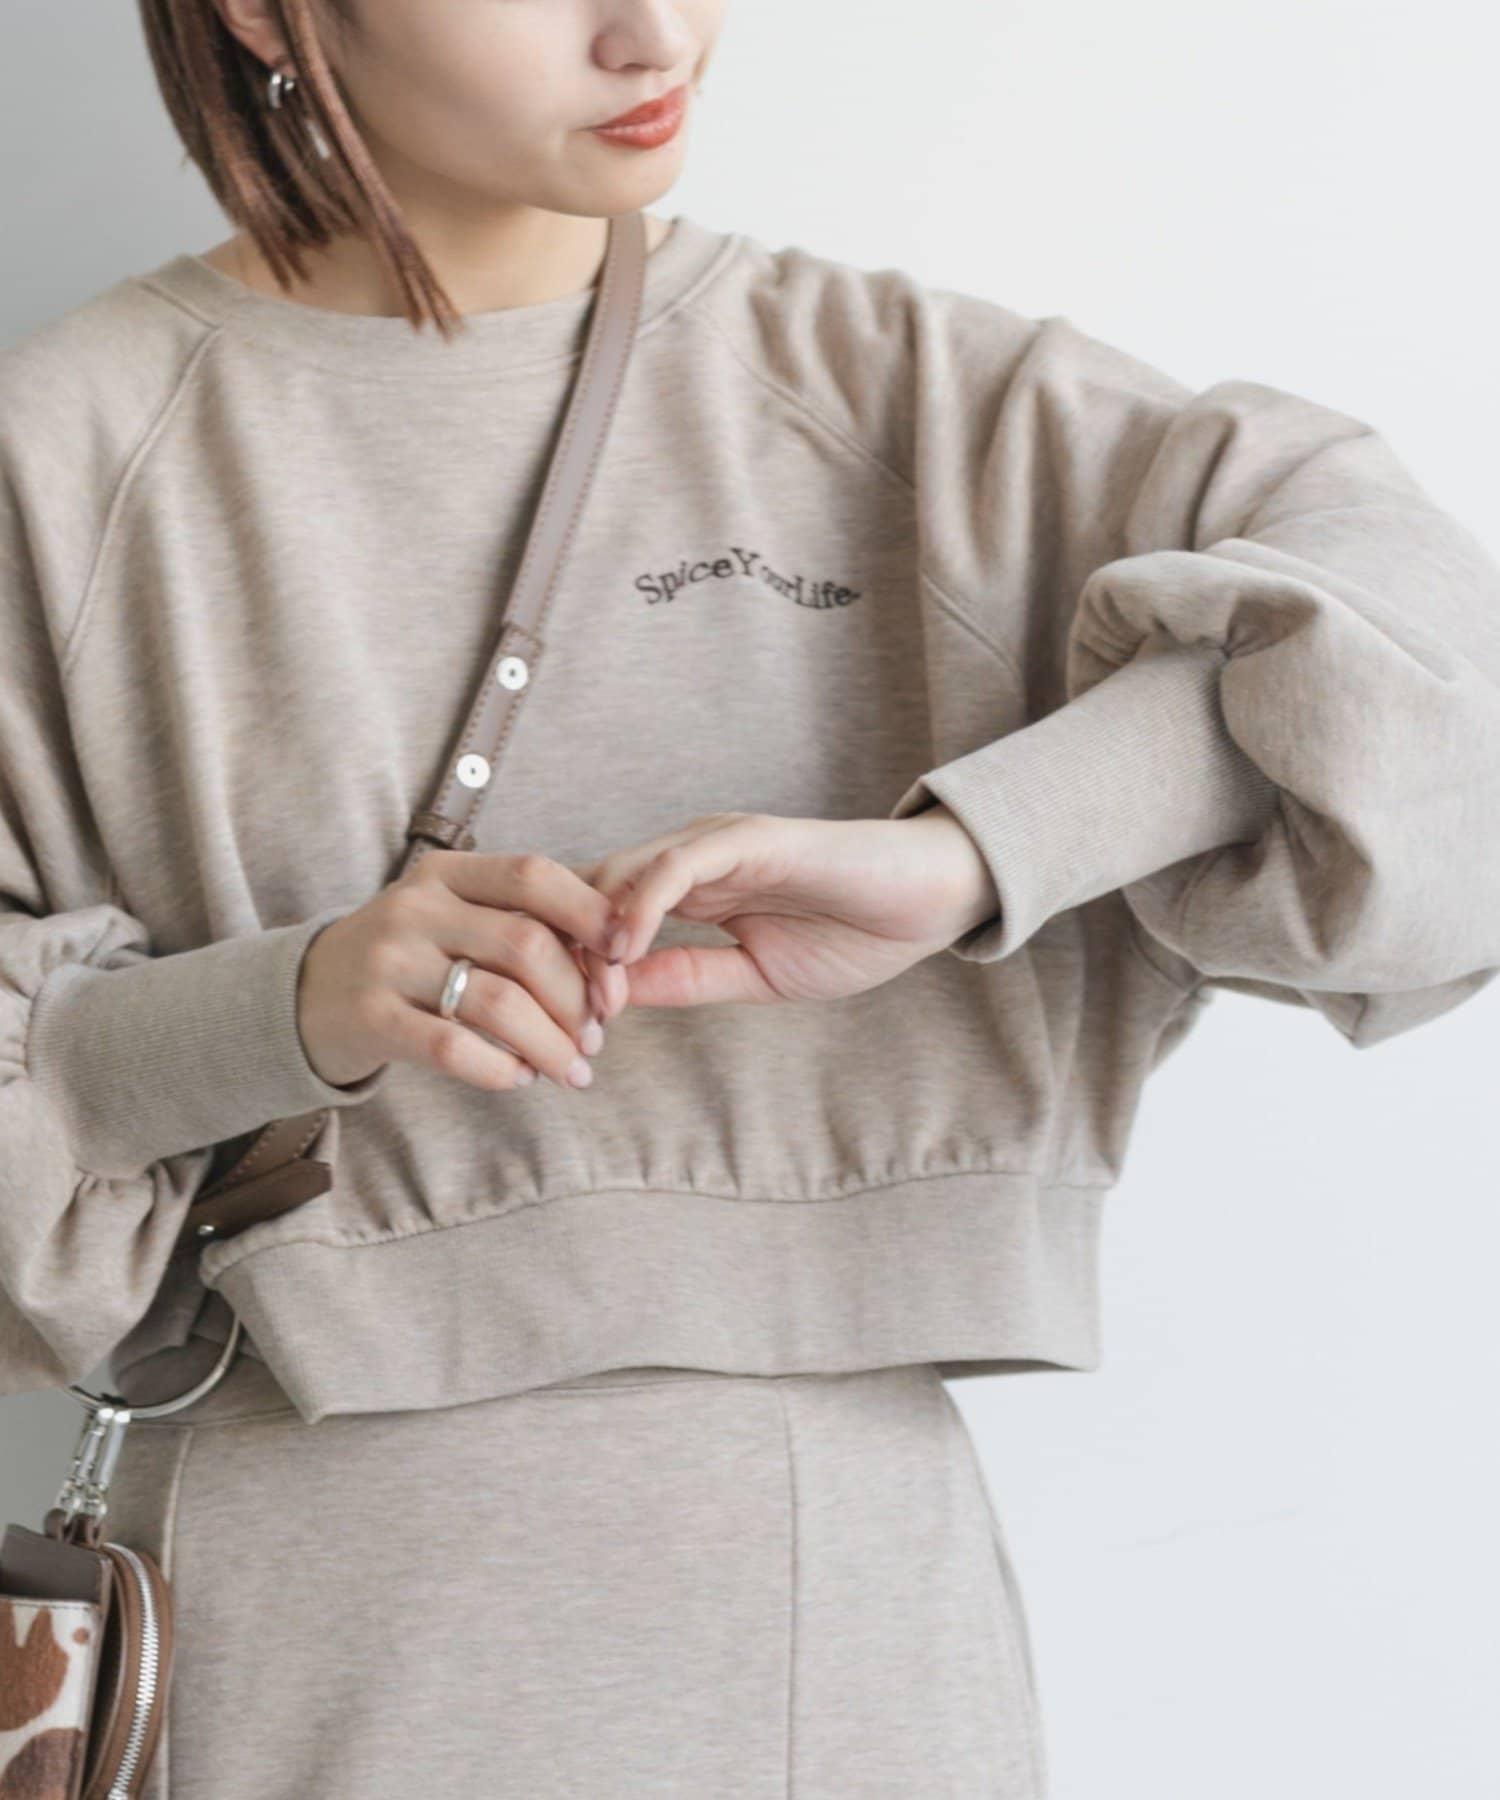 Kastane(カスタネ) 【SETUP対応】カラーMIXロゴスウェット